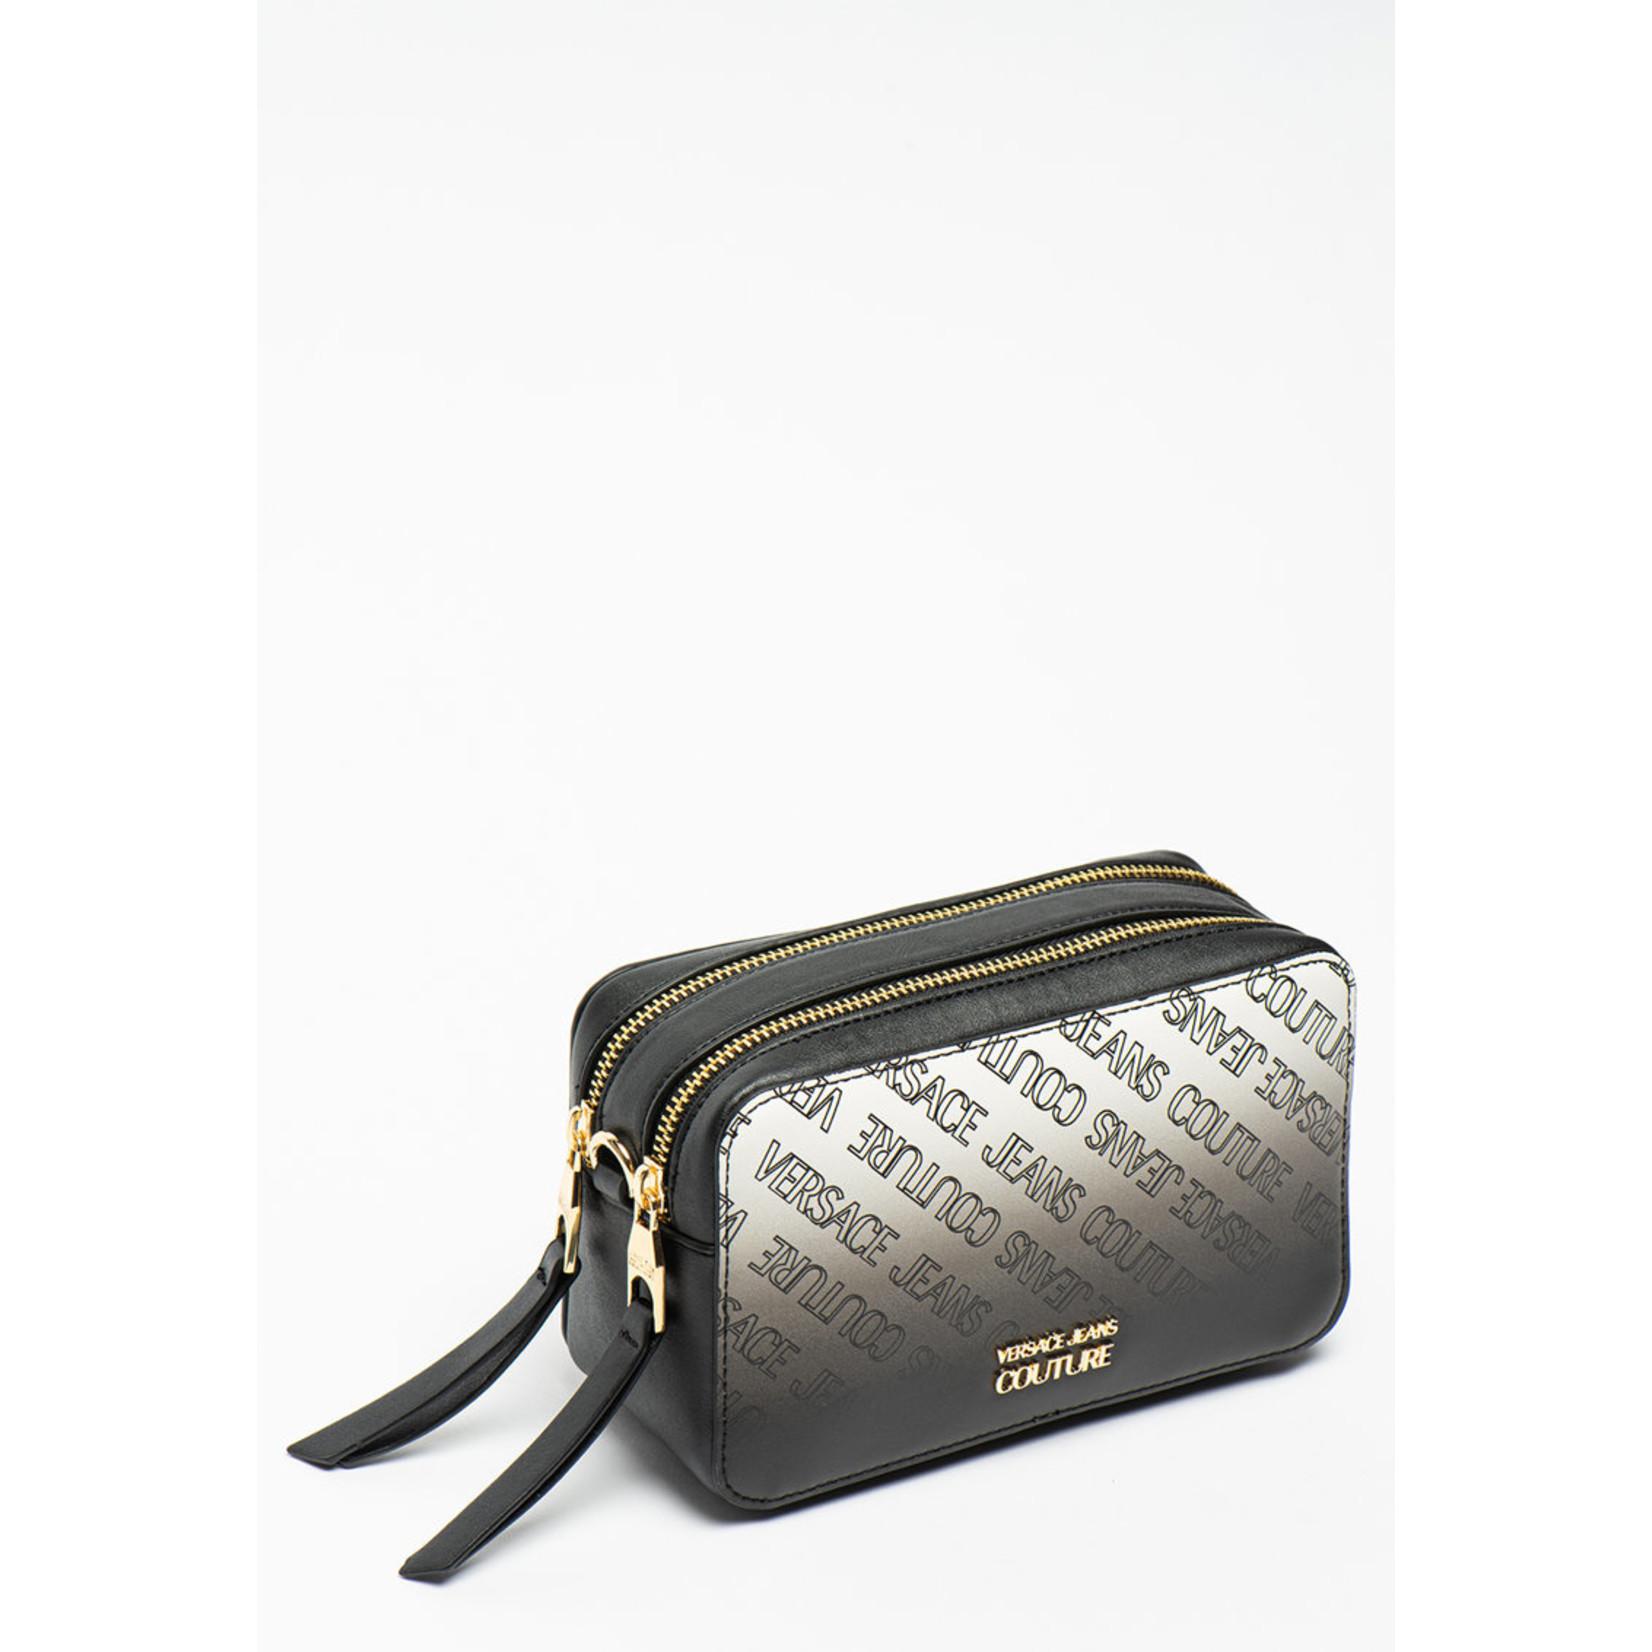 VERSACE JEANS COUTURE VERSACE JEANS COUTURE WOMEN'S CLUTCH BAG DEGRADE - E1VWAB62 GREY